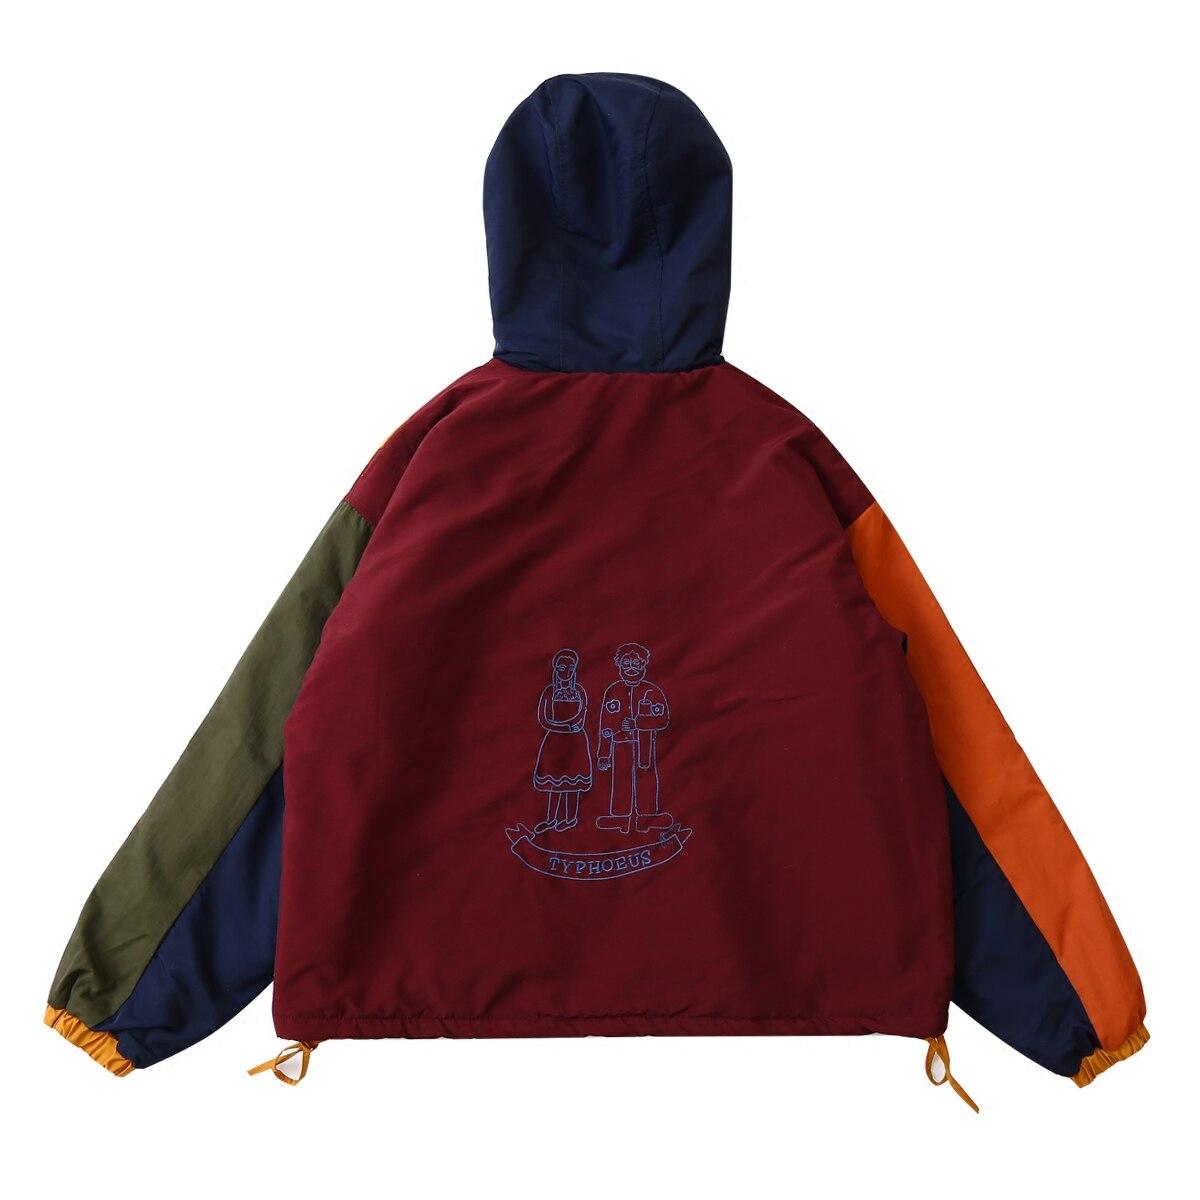 Design Nouveau D'hiver Zipper Velours Outwear Femmes Chaude Multi Patchwork Coton À Doublure Printemps Épais Parkas Vintage Vestes Capuchon Manteau q54wEEA